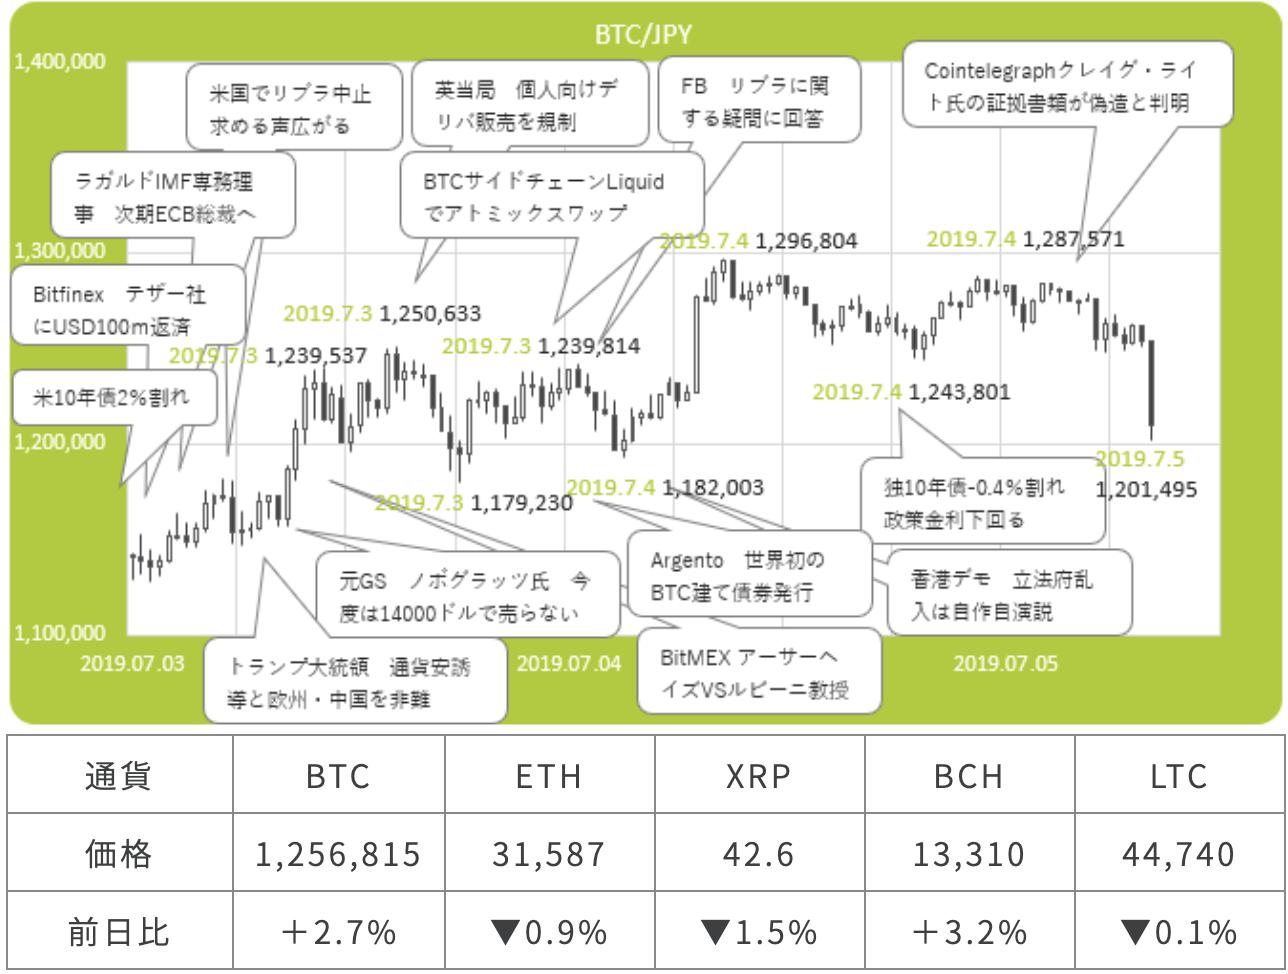 ビットコイン(Bitcoin/BTC)と為替の関連性は?どんな影響がある?